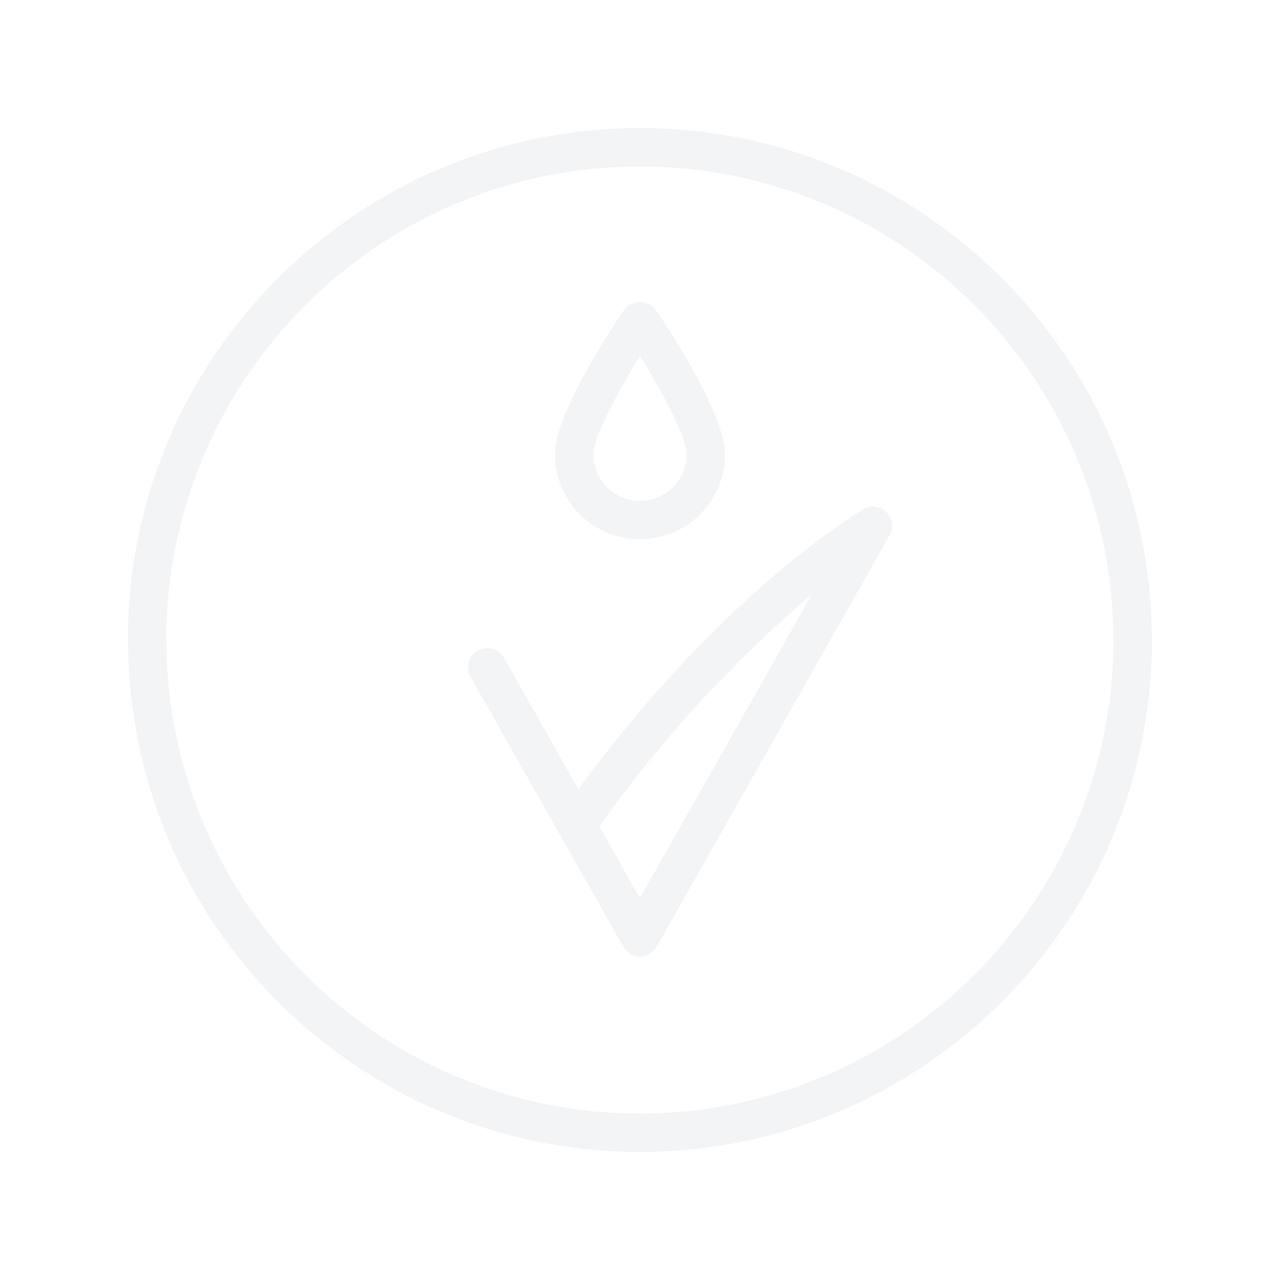 SENSAI Brightening Make-Up Base SPF15 30ml